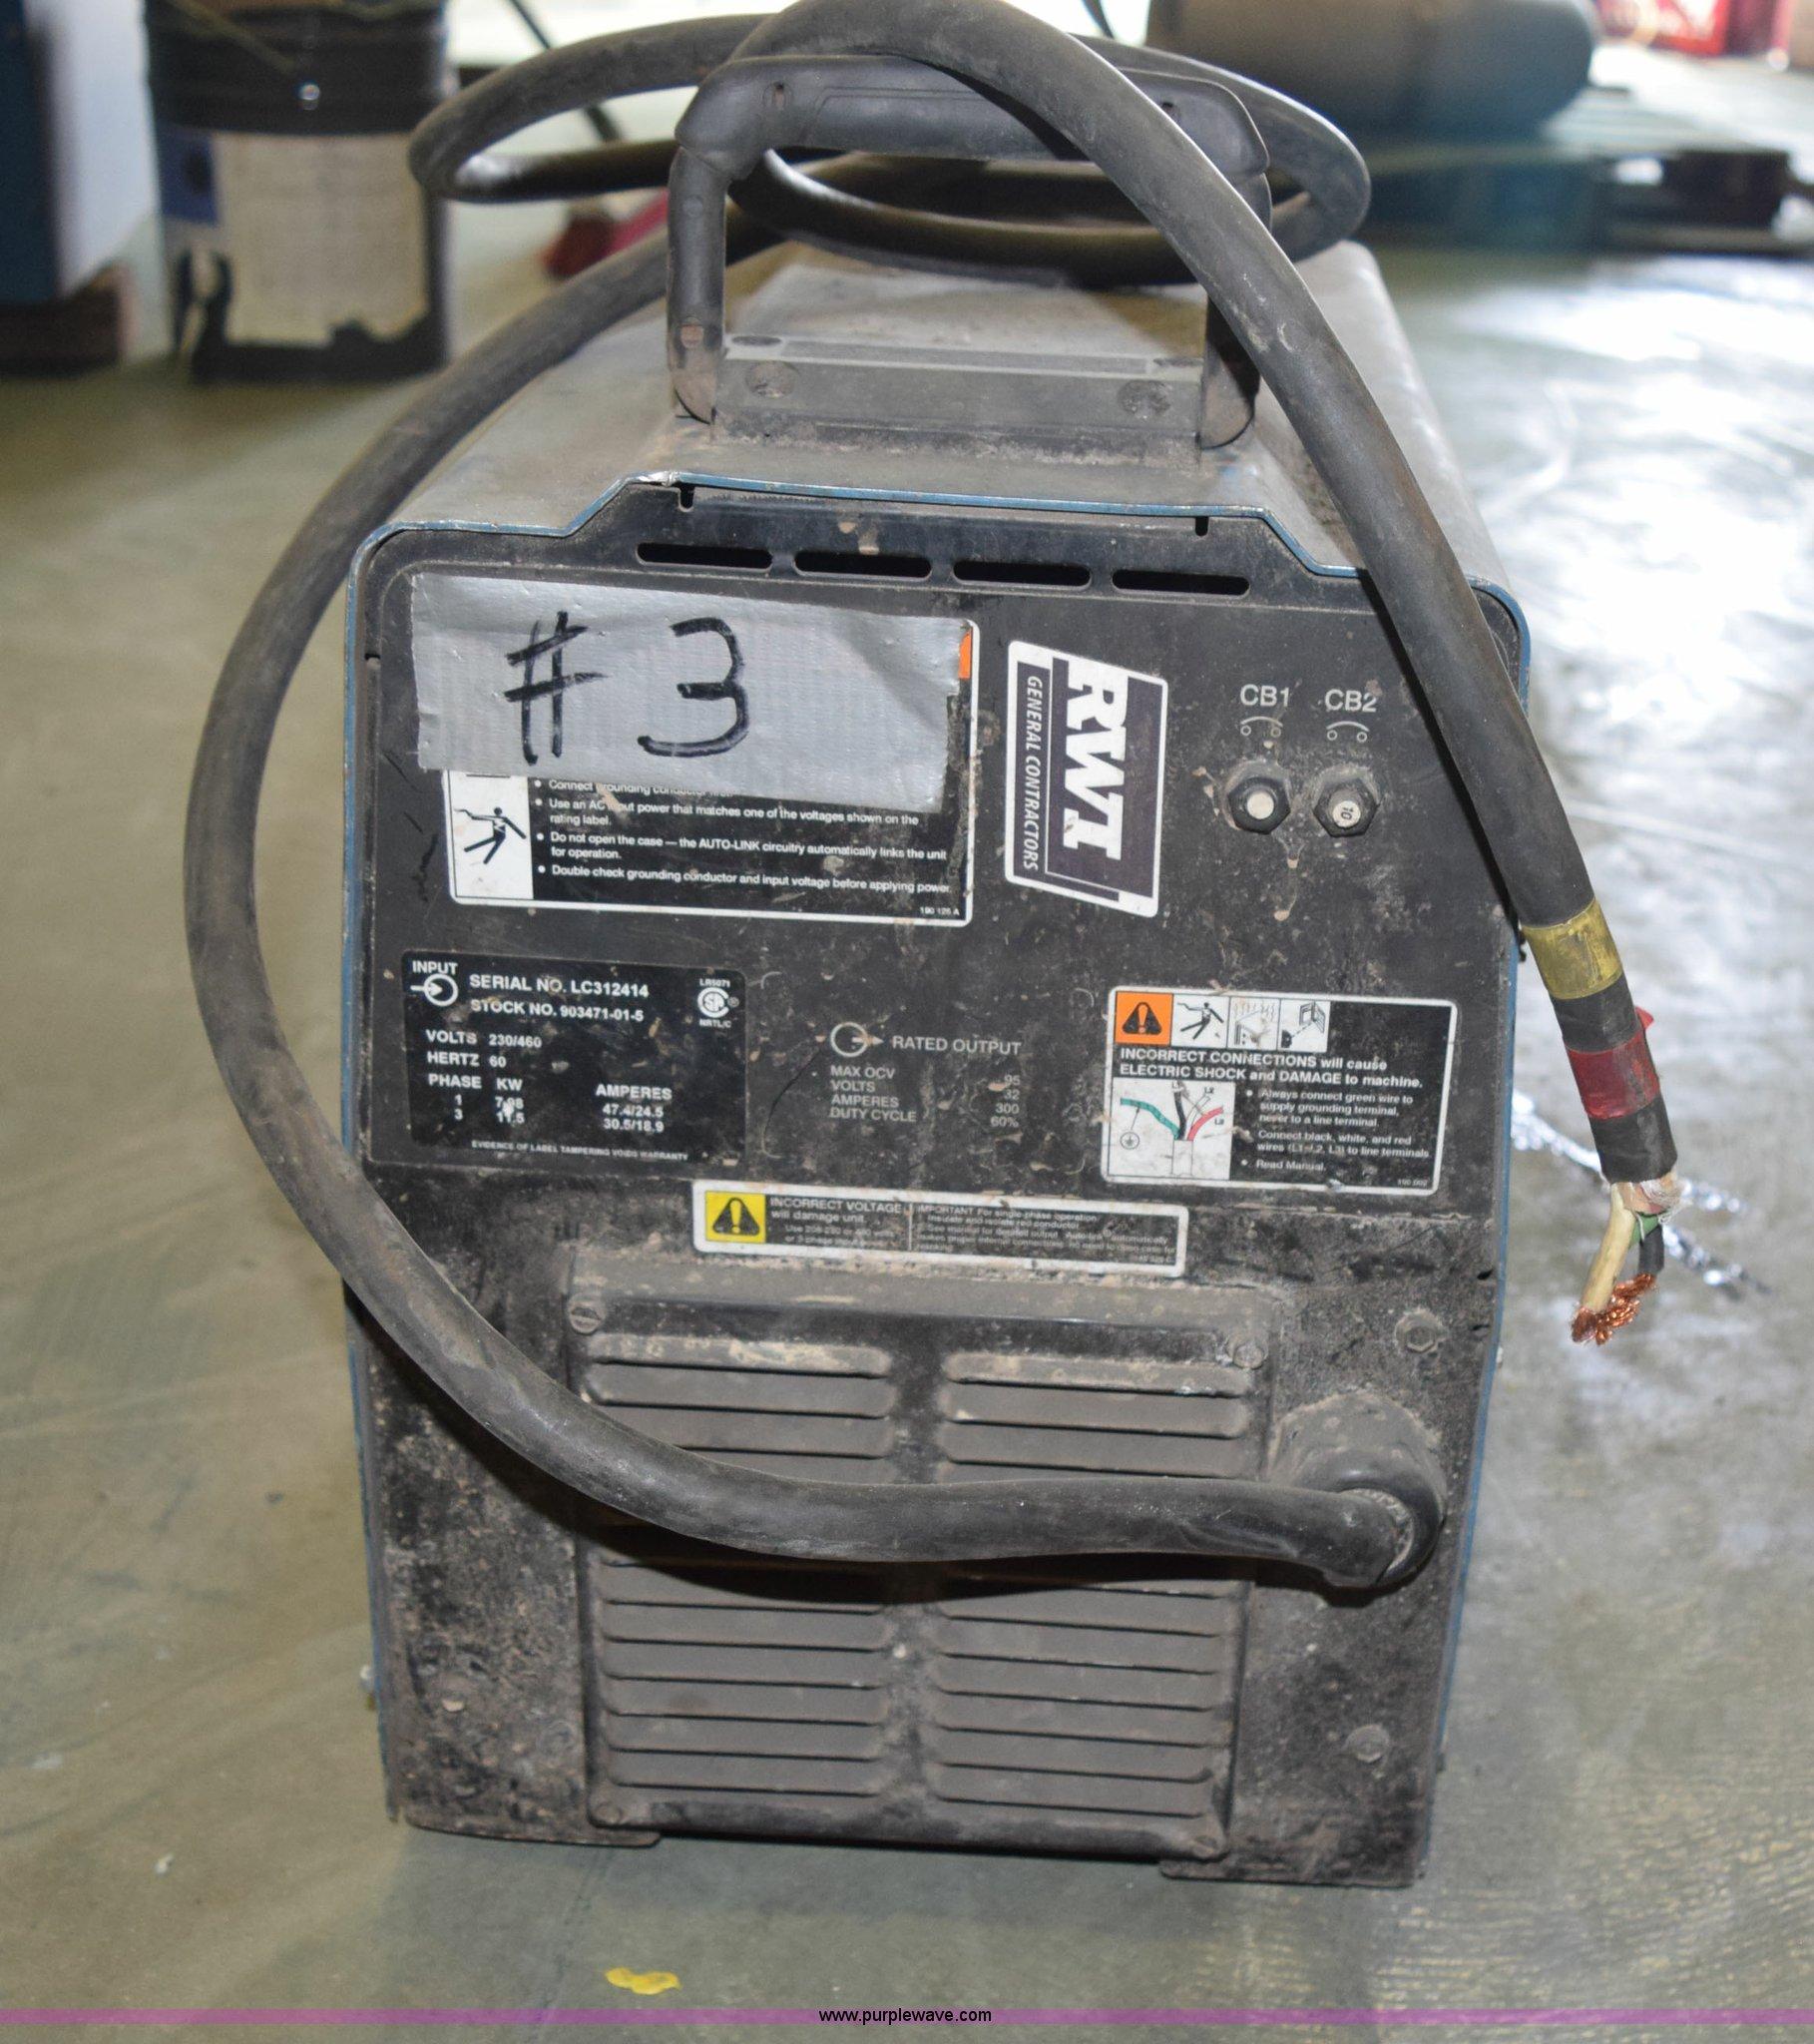 Miller XMT 304 arc welder | Item L3359 | SOLD! August 11 RWI